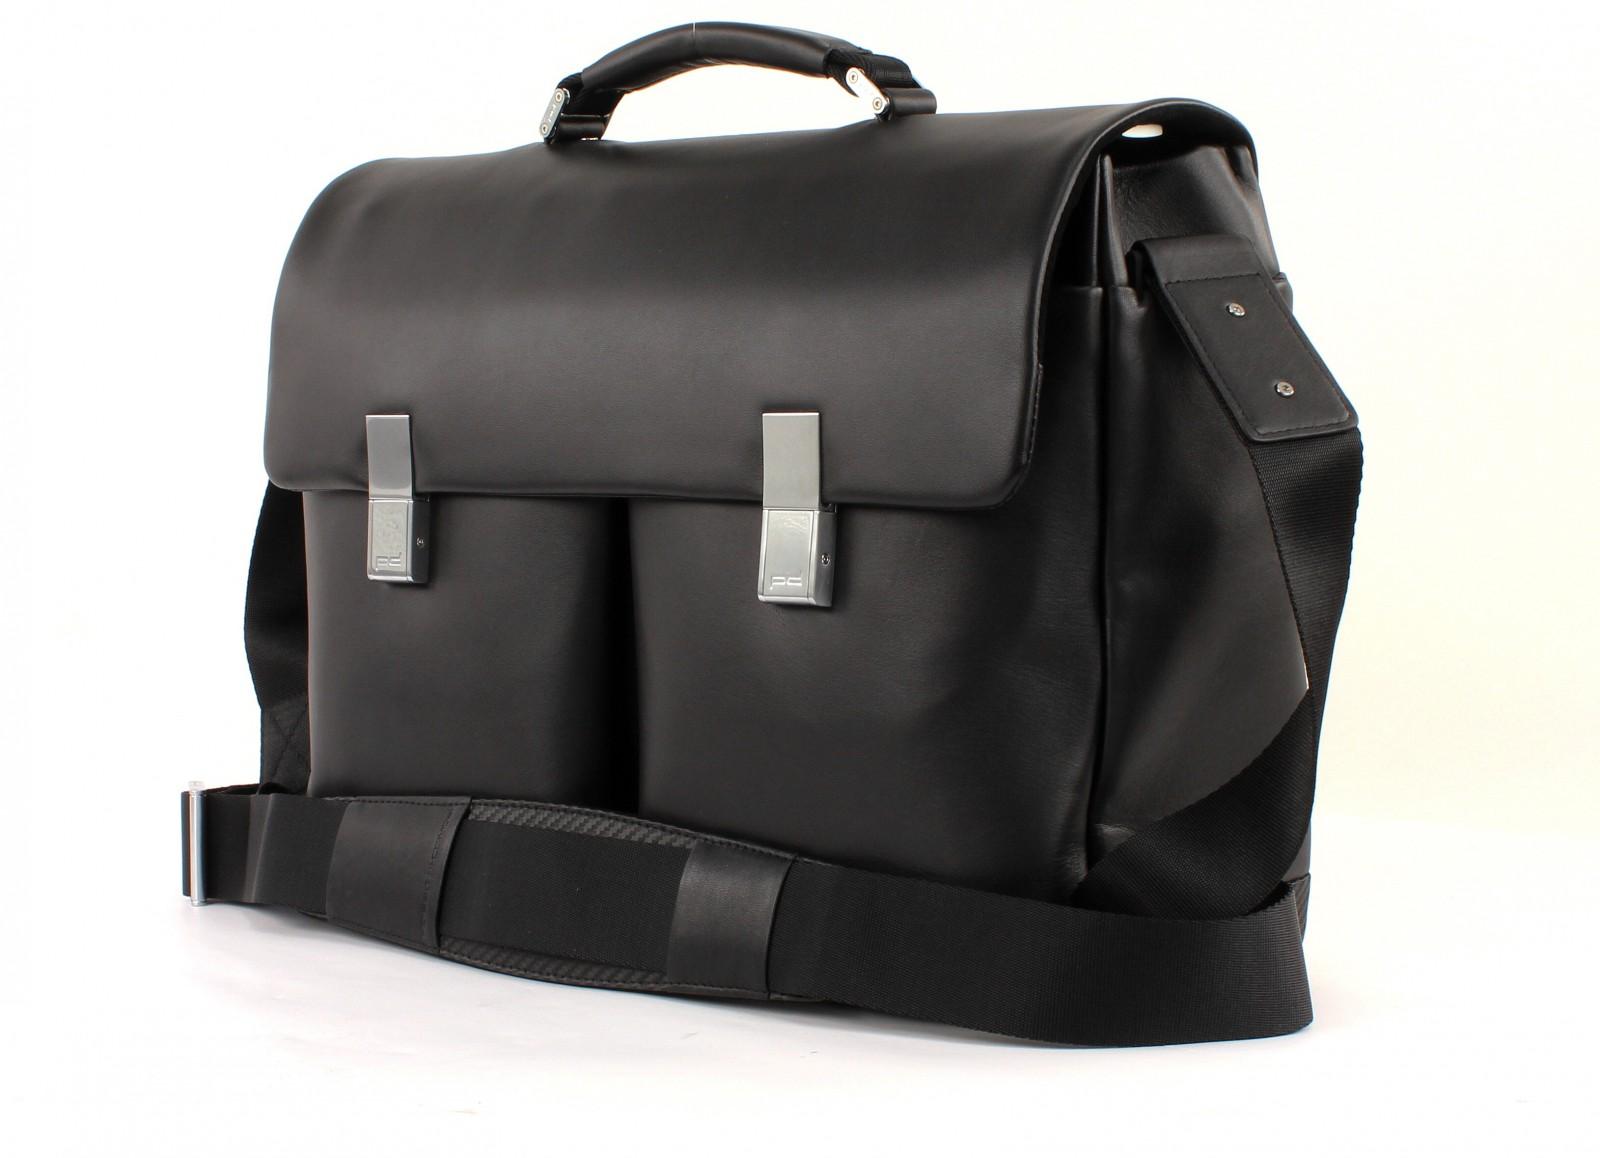 porsche design cross body bag cl2 2 0 briefbag fms black. Black Bedroom Furniture Sets. Home Design Ideas